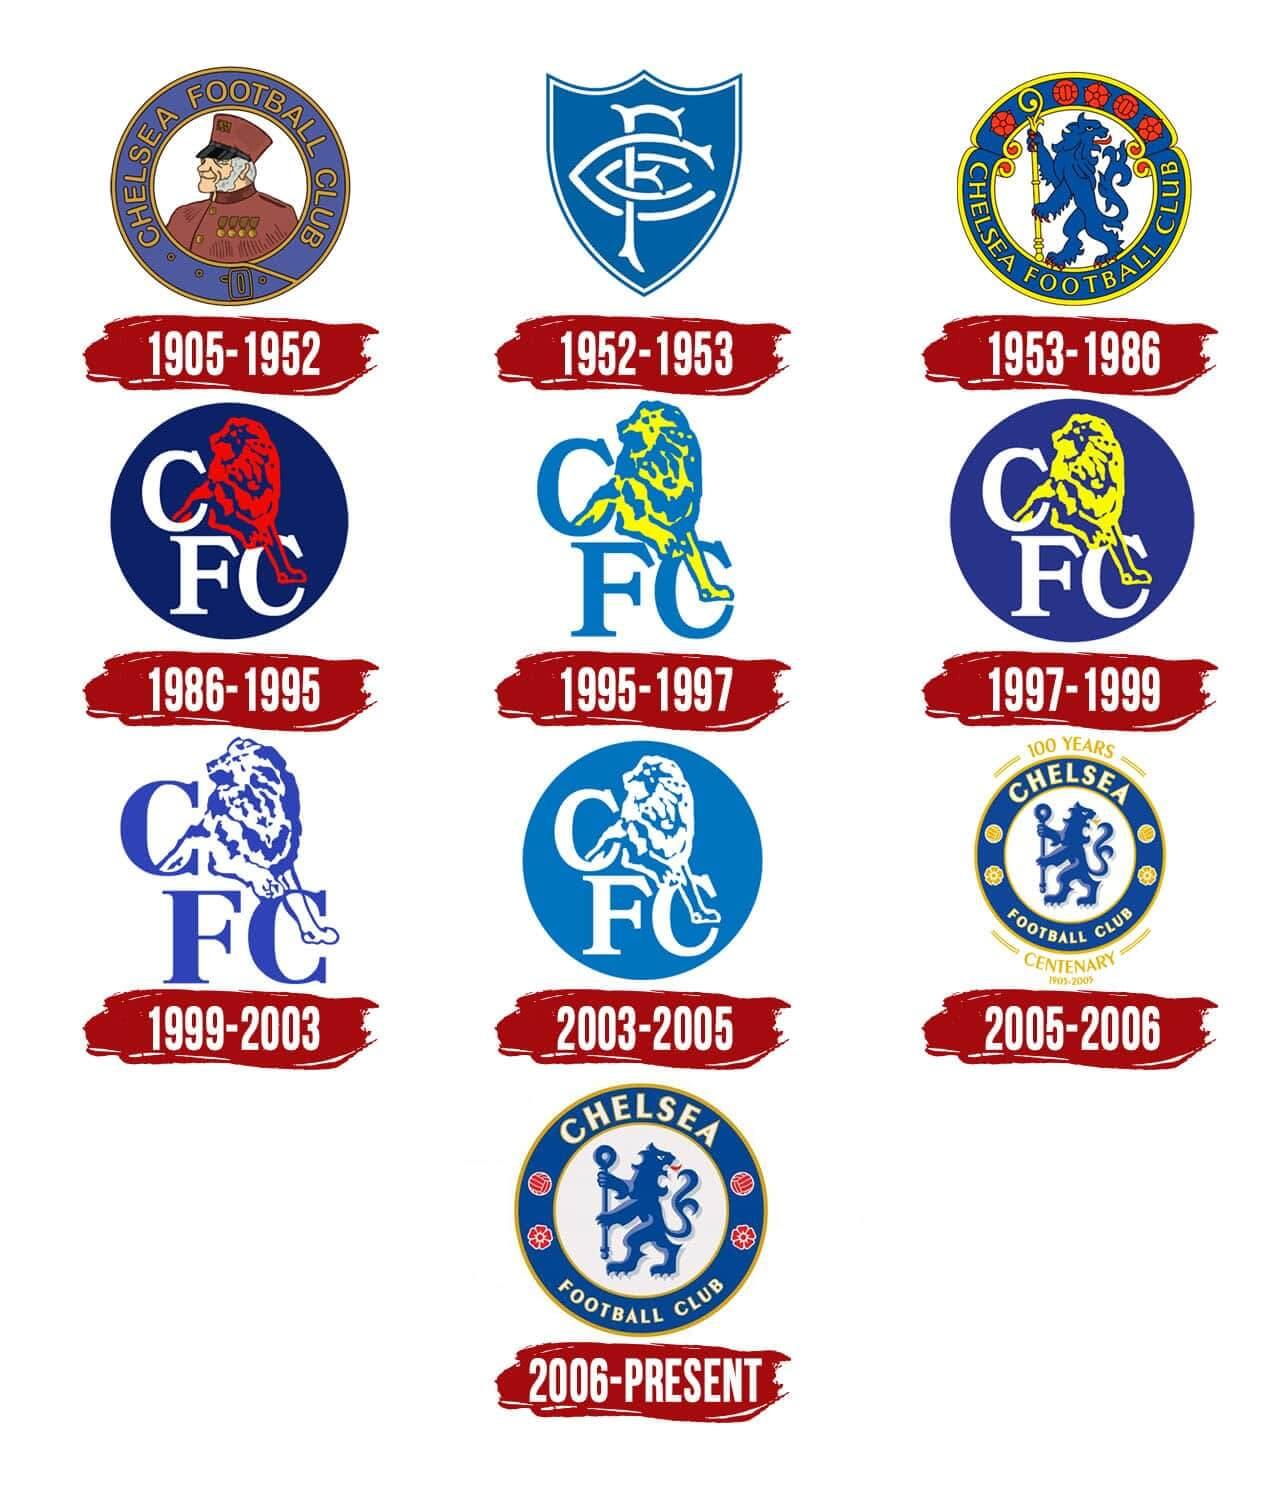 El escudo del Chelsea a lo largo de su historia